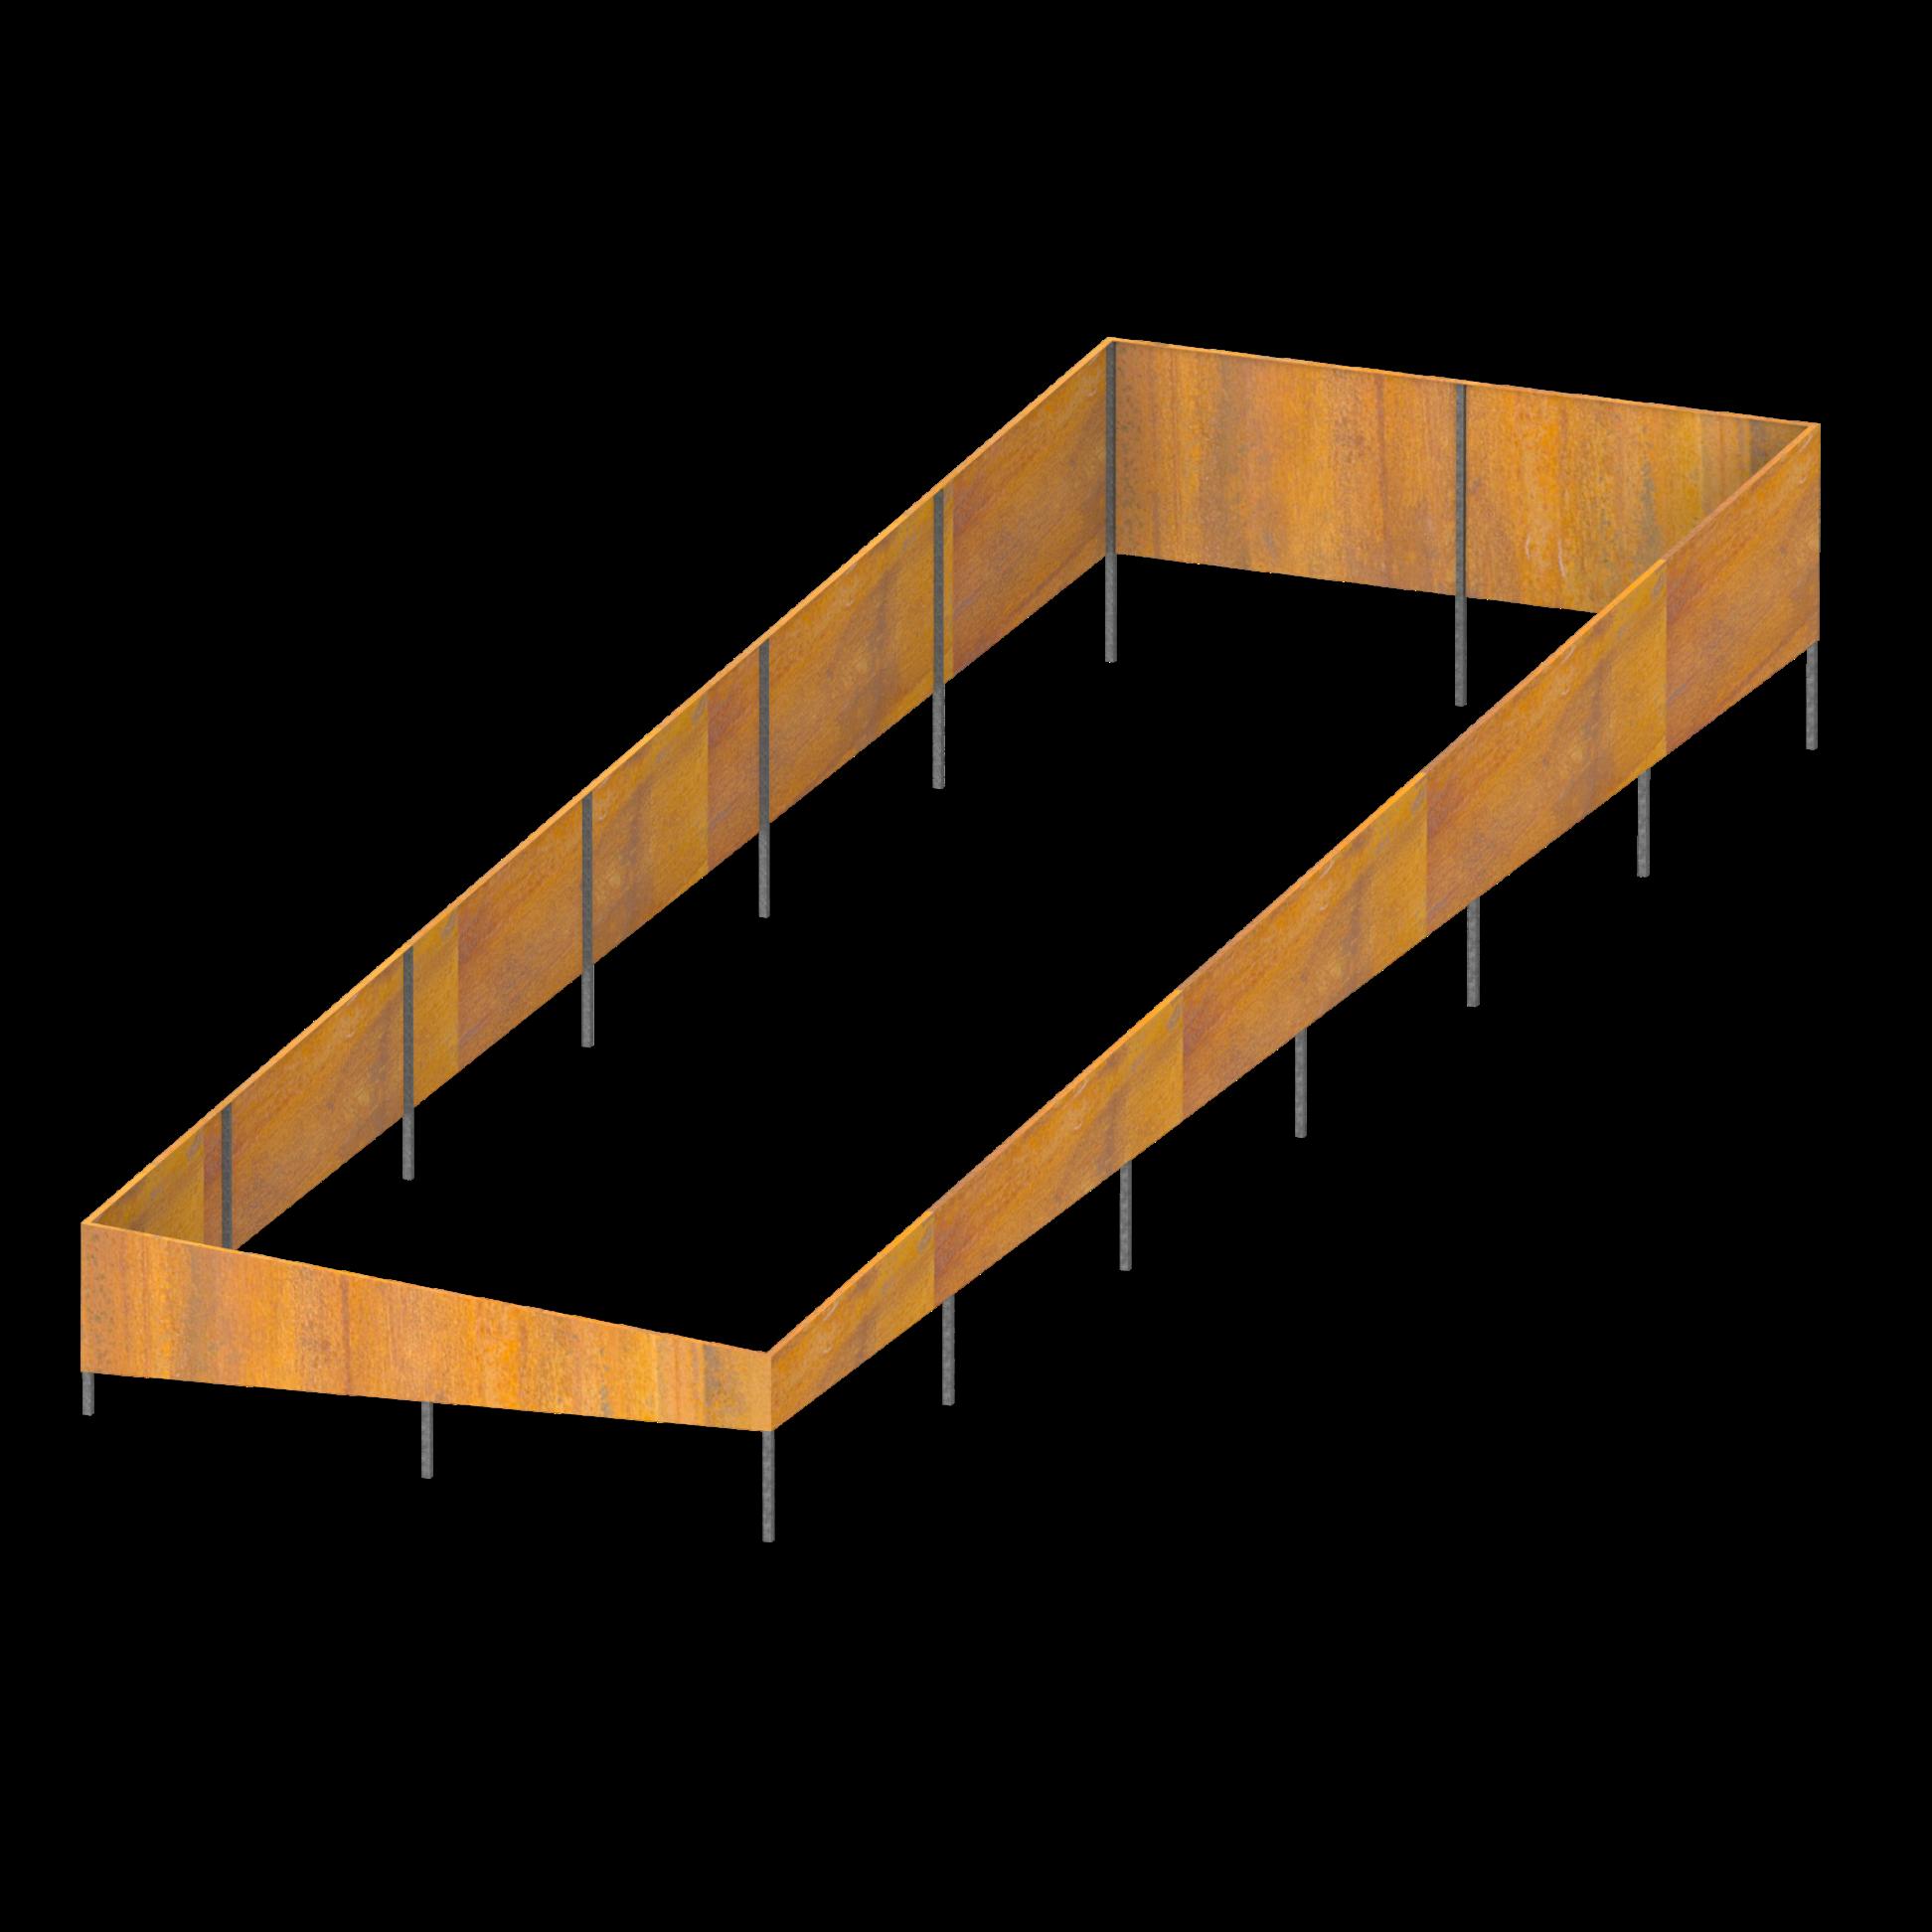 Metal Retaining Walls Geelong Corten Steel Steel Retaining Wall Steel Cladding Retaining Wall